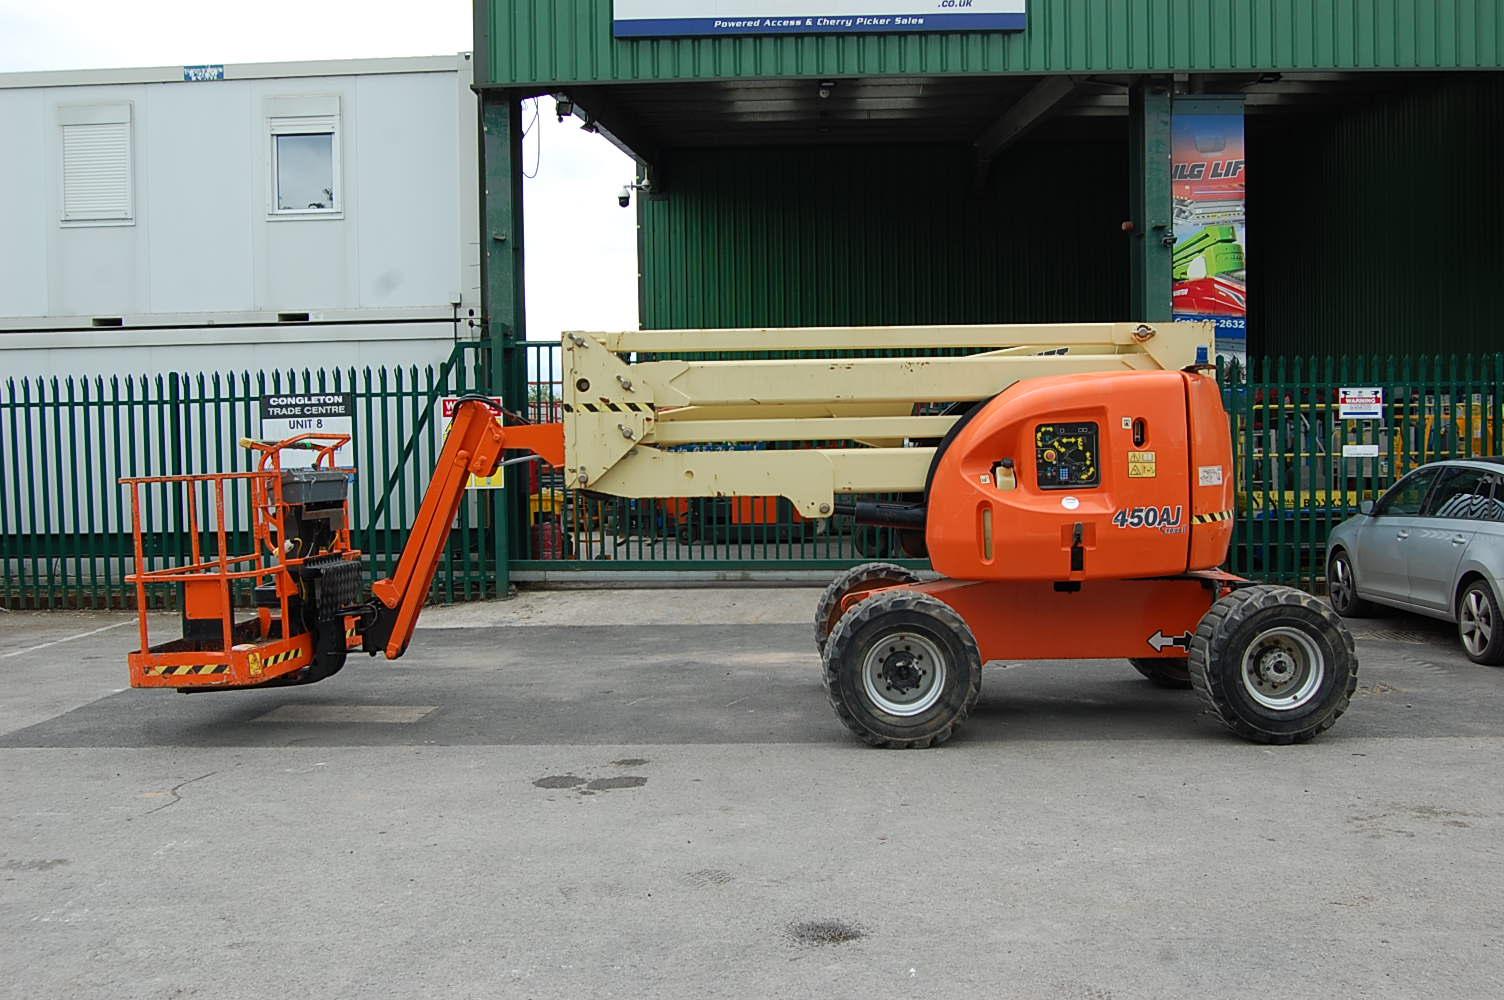 2012 JLG 450AJ Rough Terrain Diesel Boom Lift 15.7m